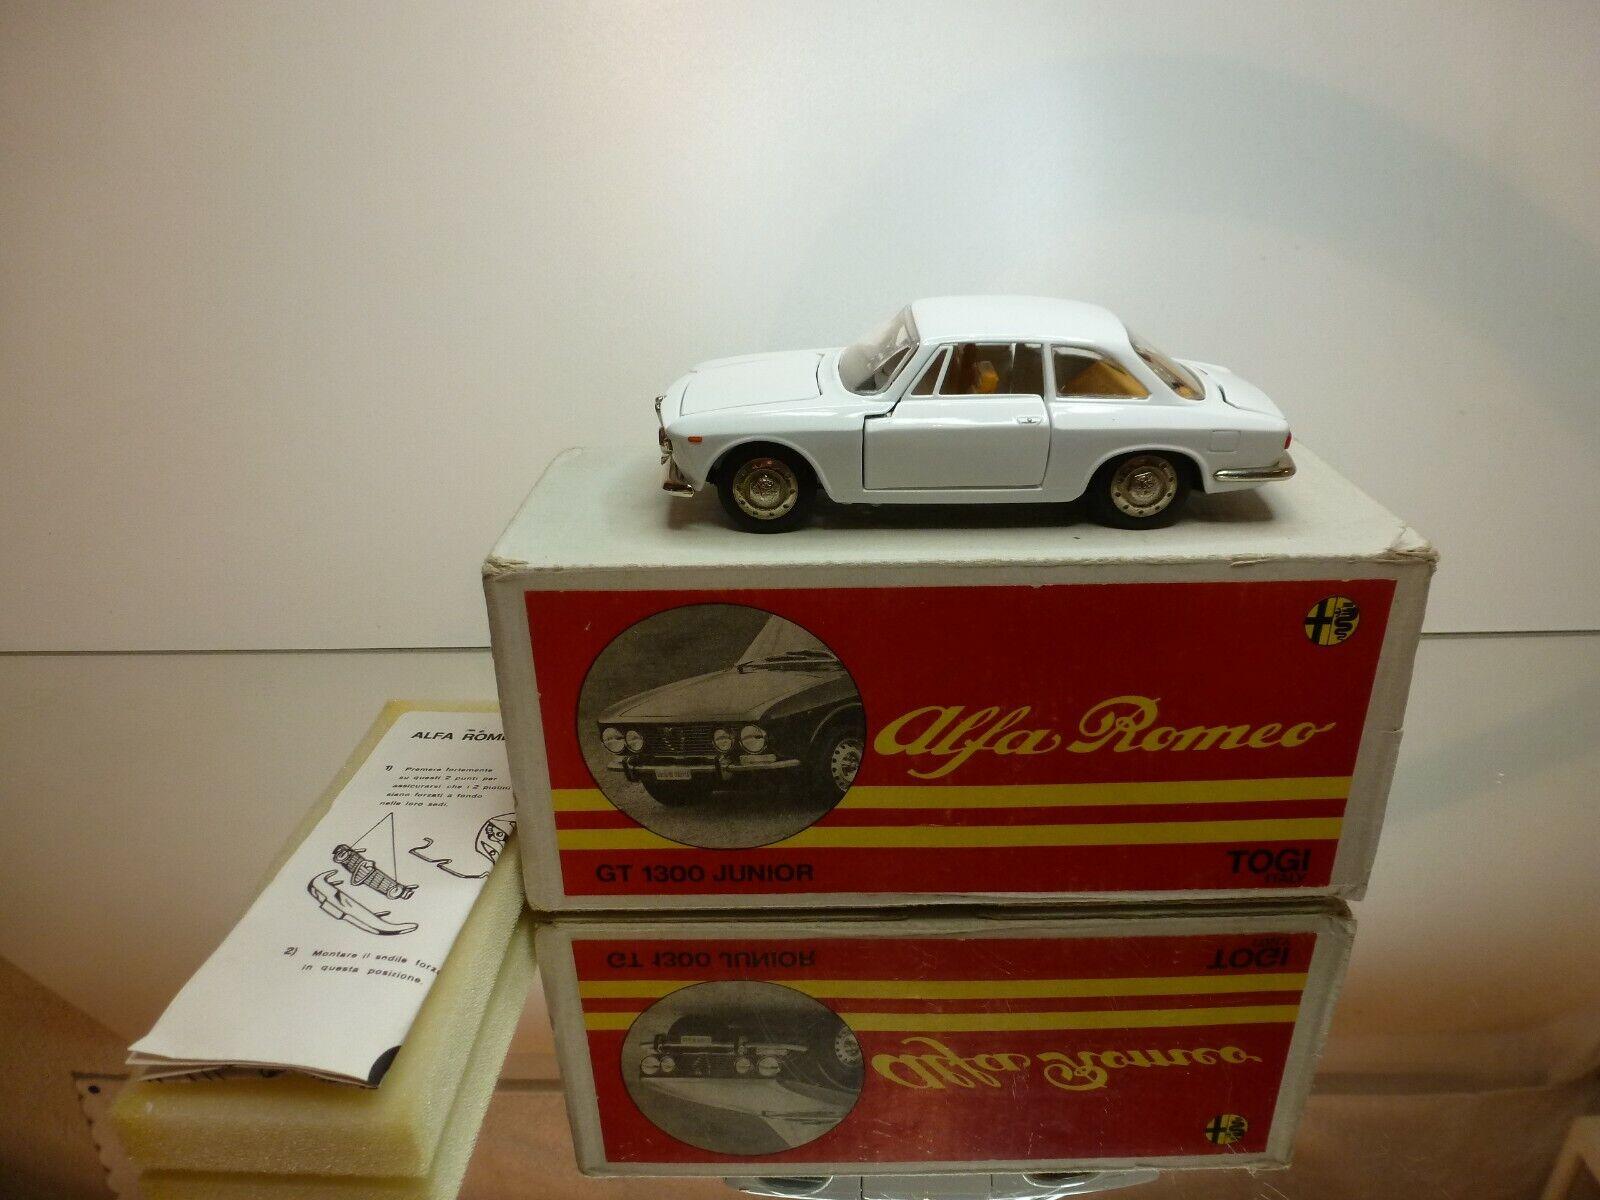 TOGI ALFA ROMEO  GIULIA GT  1300 JUNIOR - blanc 1 23 RARE - EXCELLENT IN BOX  livraison et retours gratuits